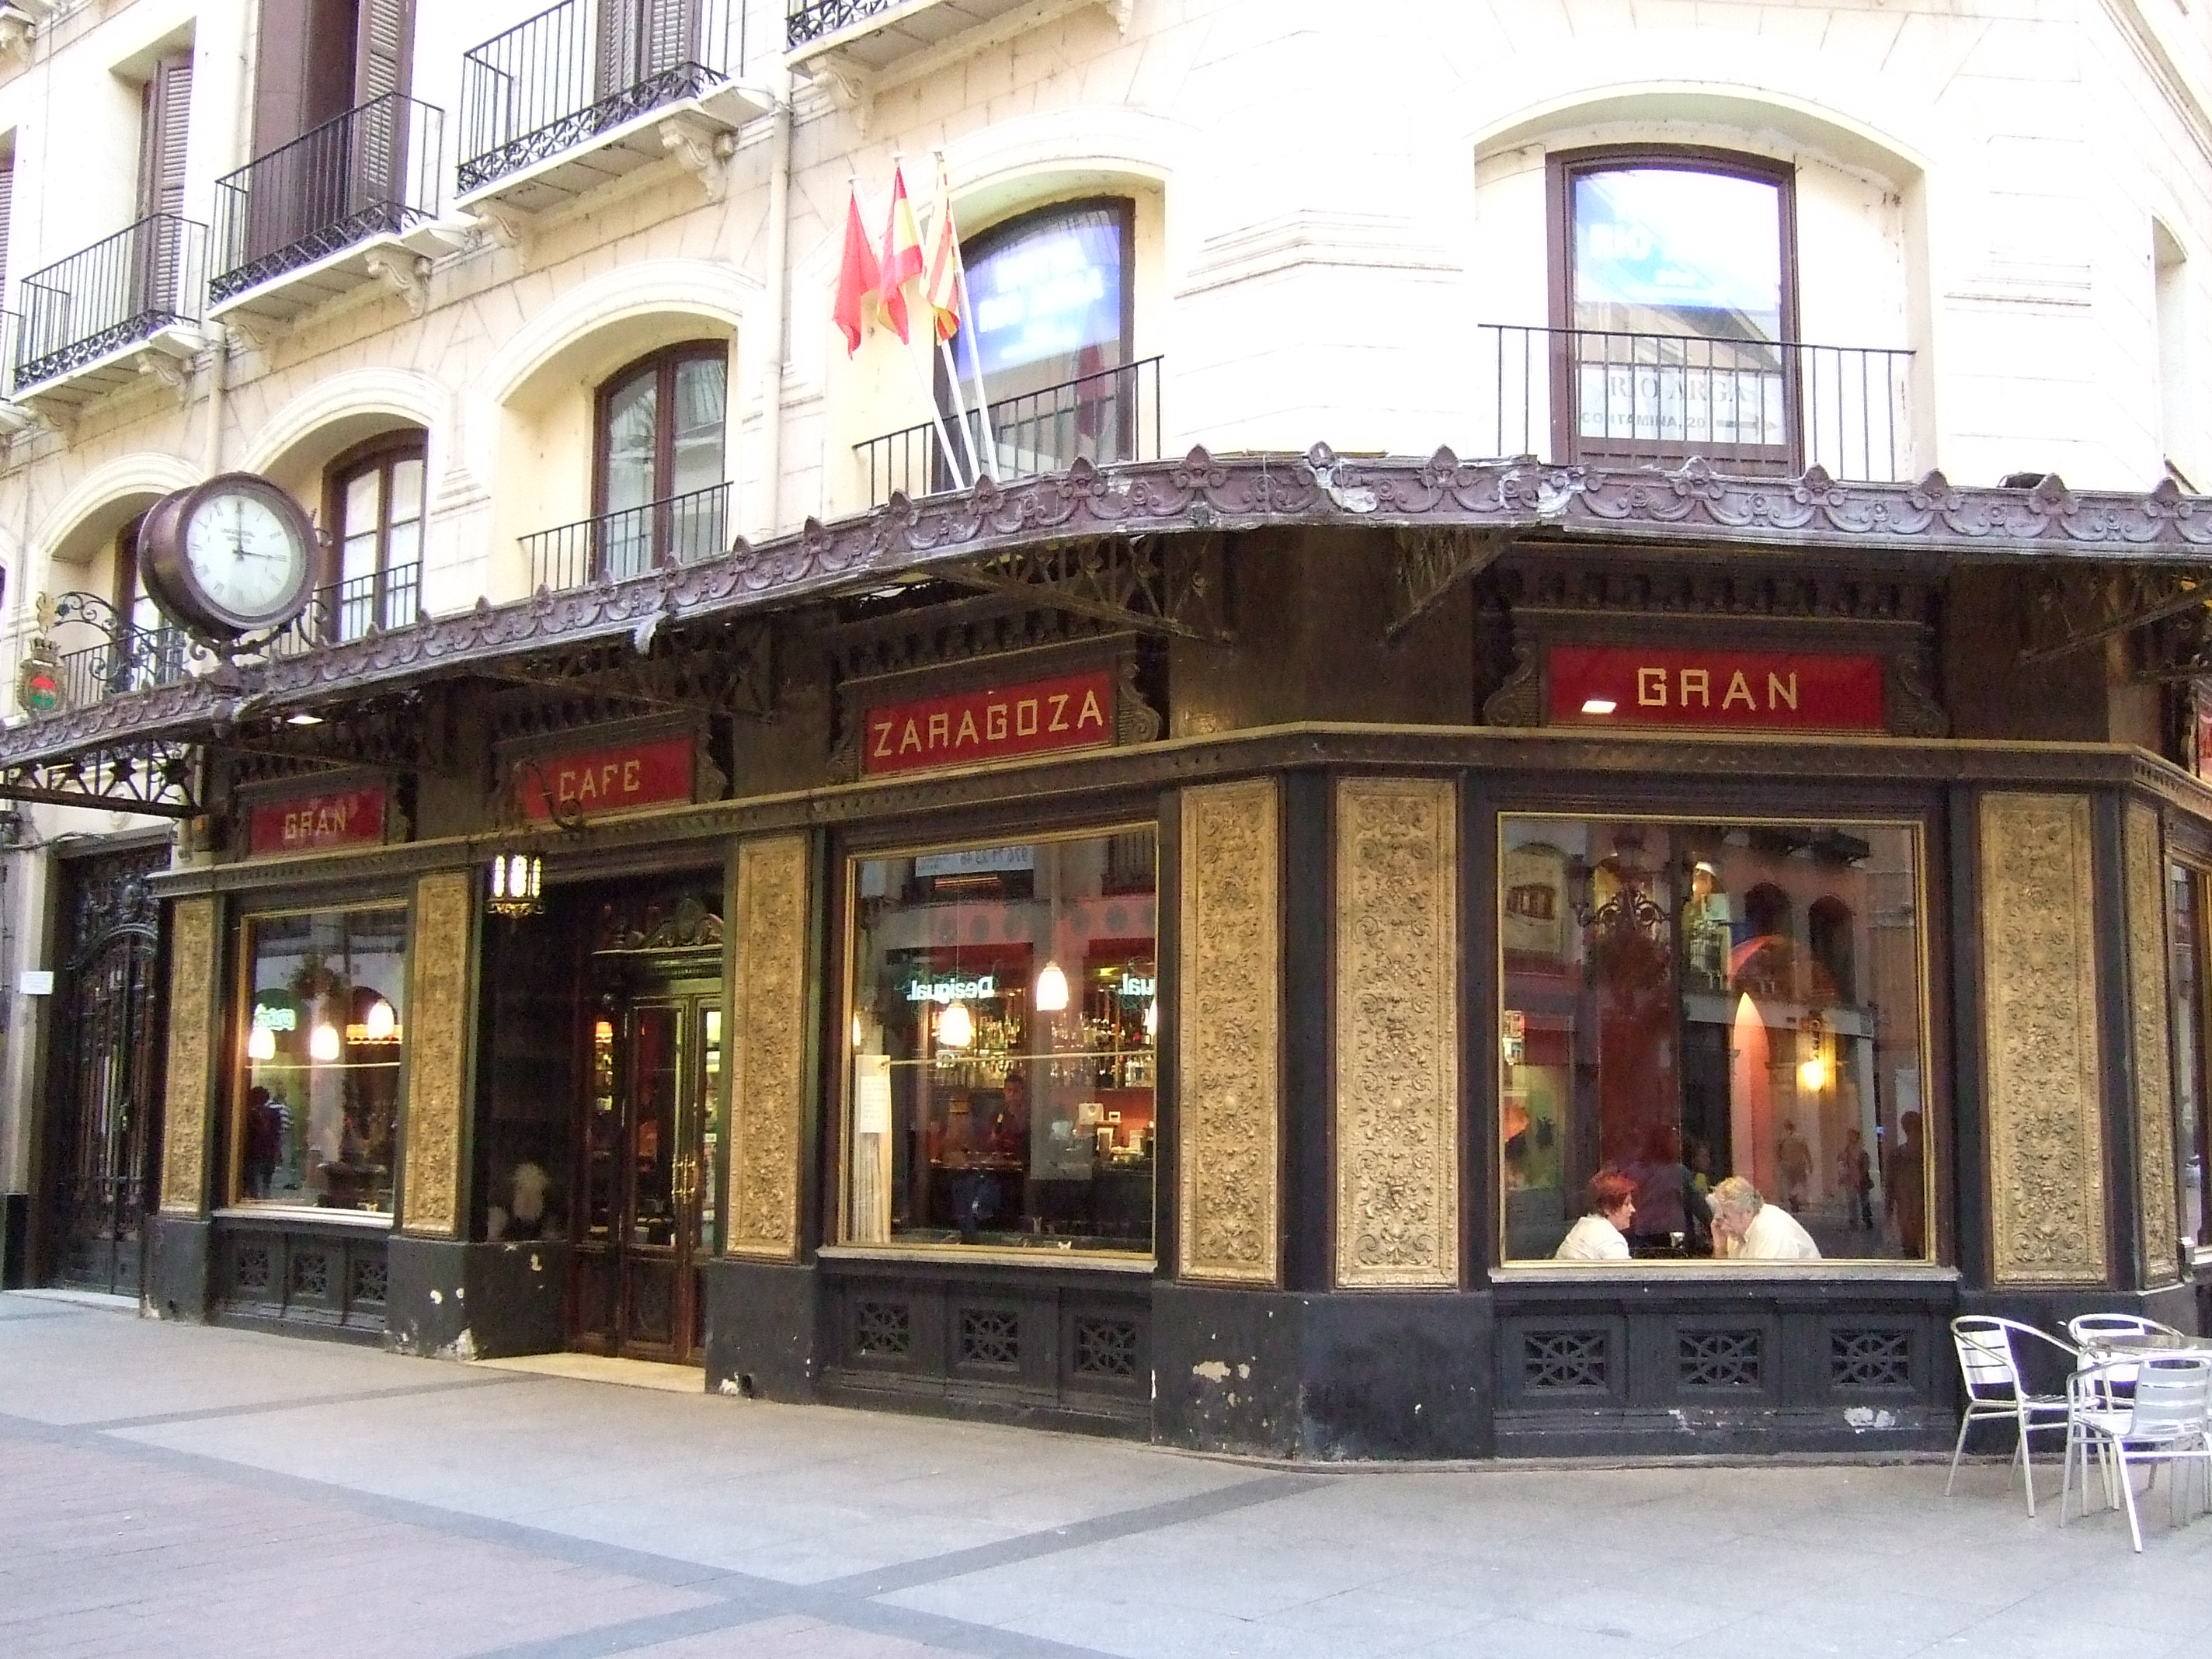 f06a56e56031 Archivo Zaragoza - Antigua joyería Aladrén.jpg - Wikipedia